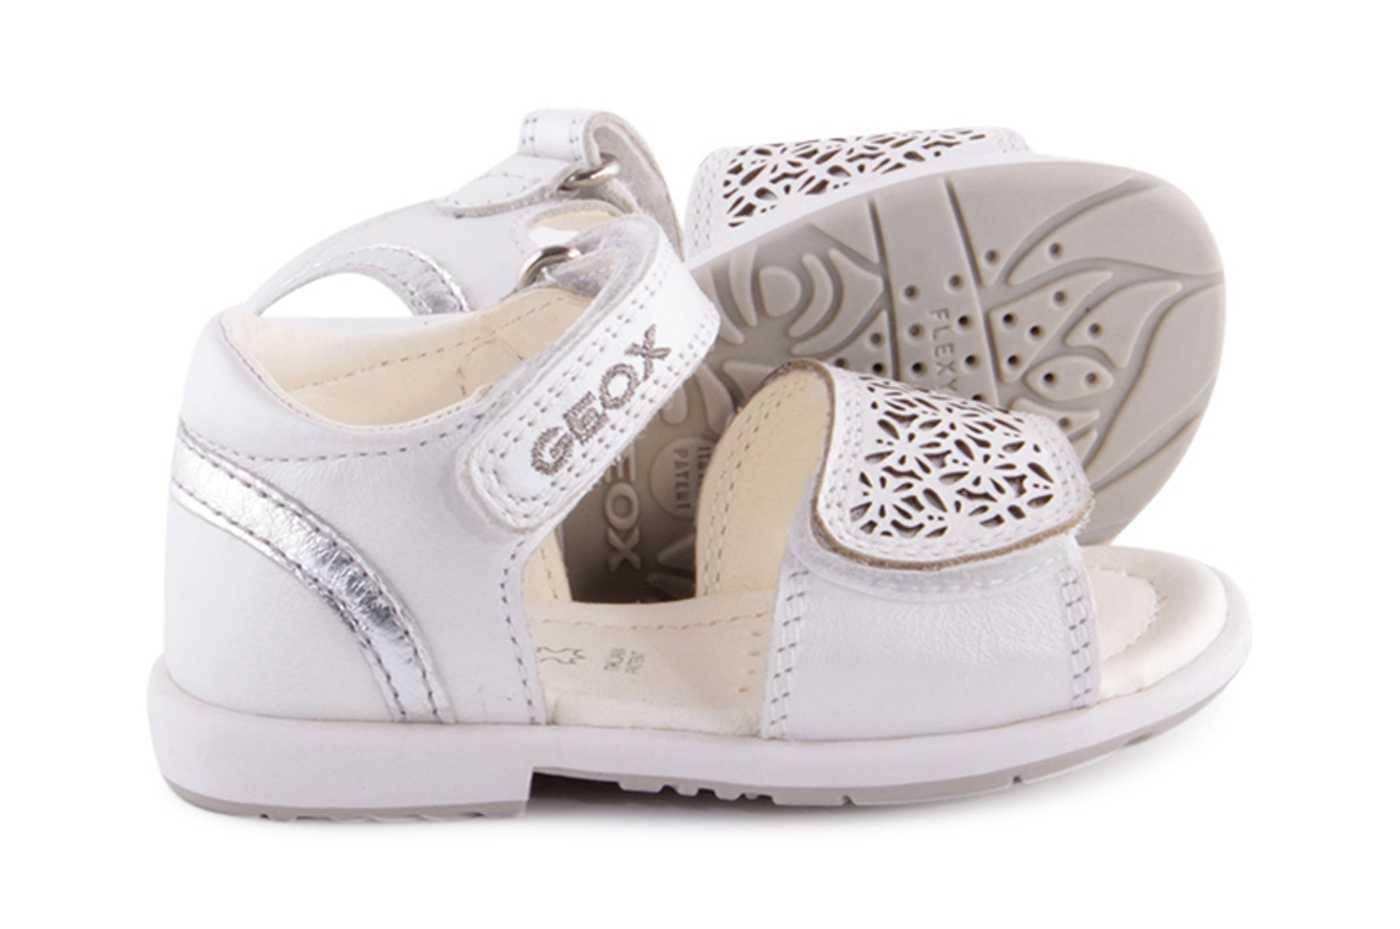 5c88be18 Comprar zapato tipo JOVEN NIÑA estilo SANDALIA COLOR BLANCO PIEL ...